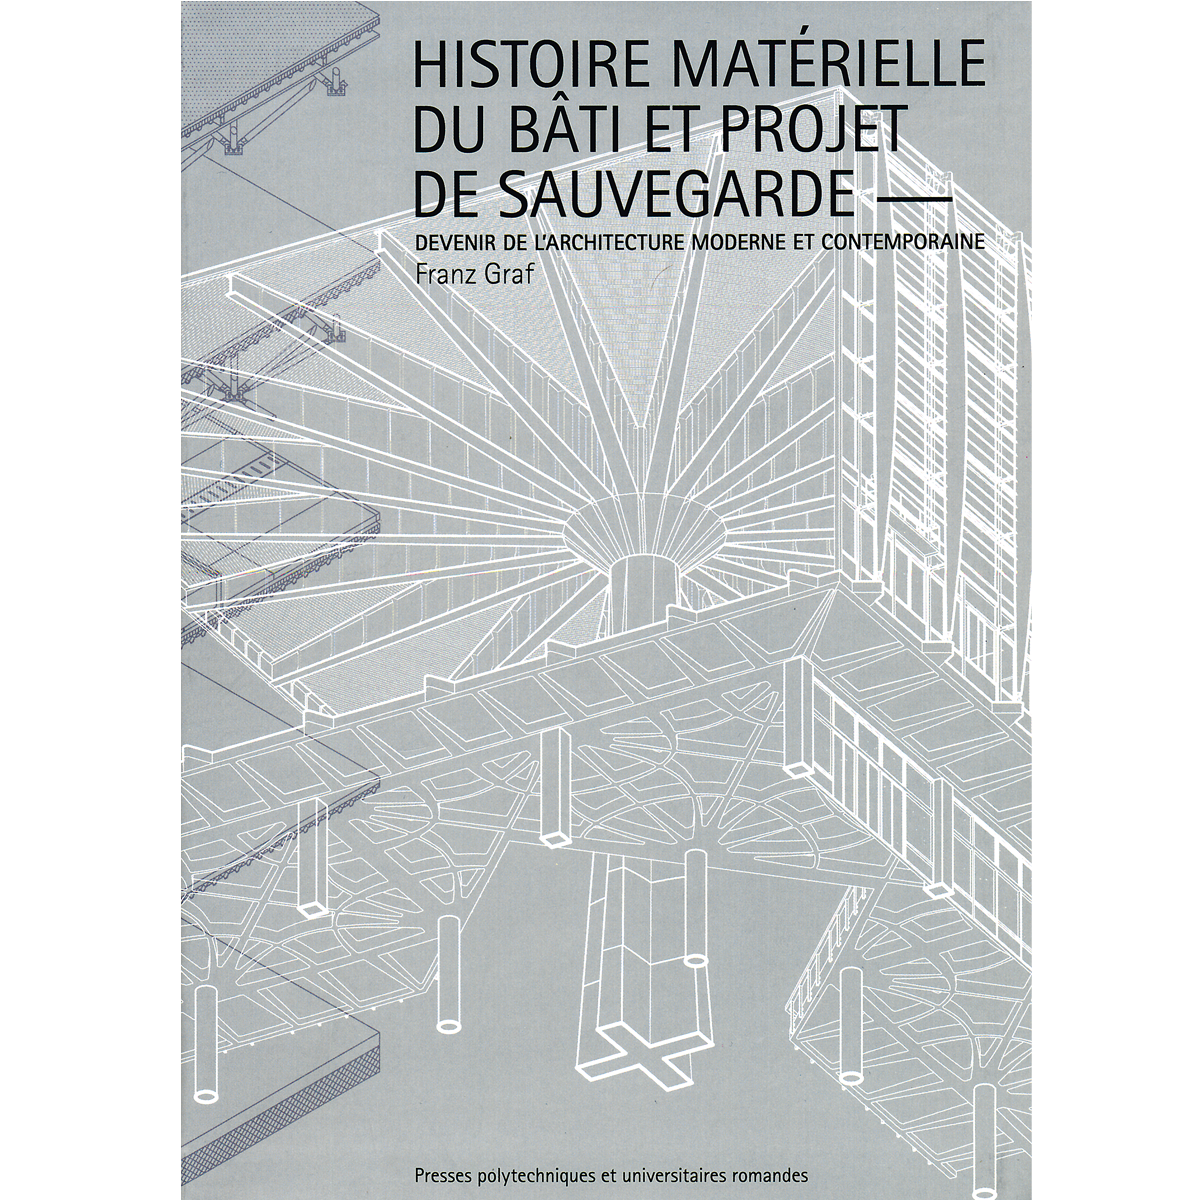 Histoire matérielle du bâti et projet de sauvegarde